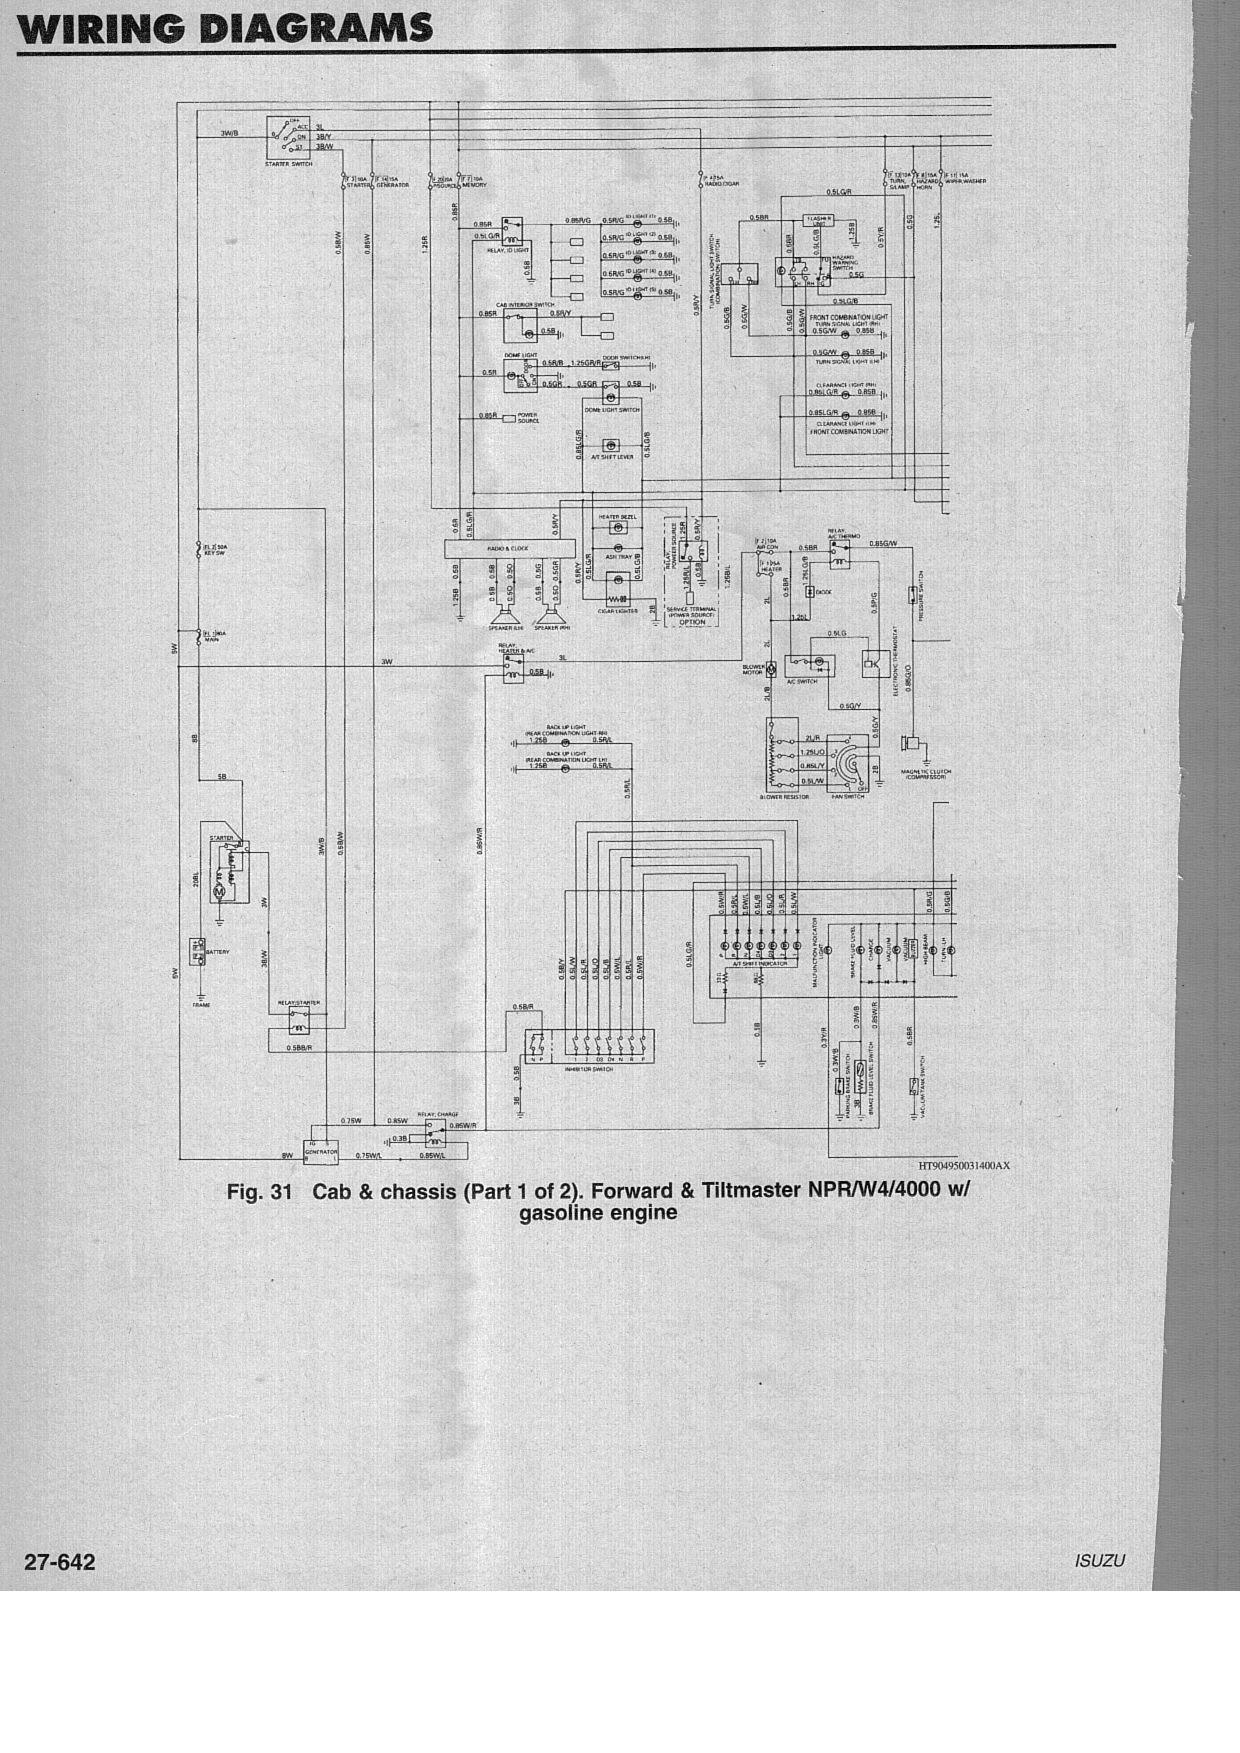 [EQHS_1162]  SX_7830] Isuzu Npr Electrical Diagram Schematic Wiring | 2007 Isuzu Npr Starter Wiring Diagram |  | Eumqu Embo Vish Ungo Sapebe Mohammedshrine Librar Wiring 101